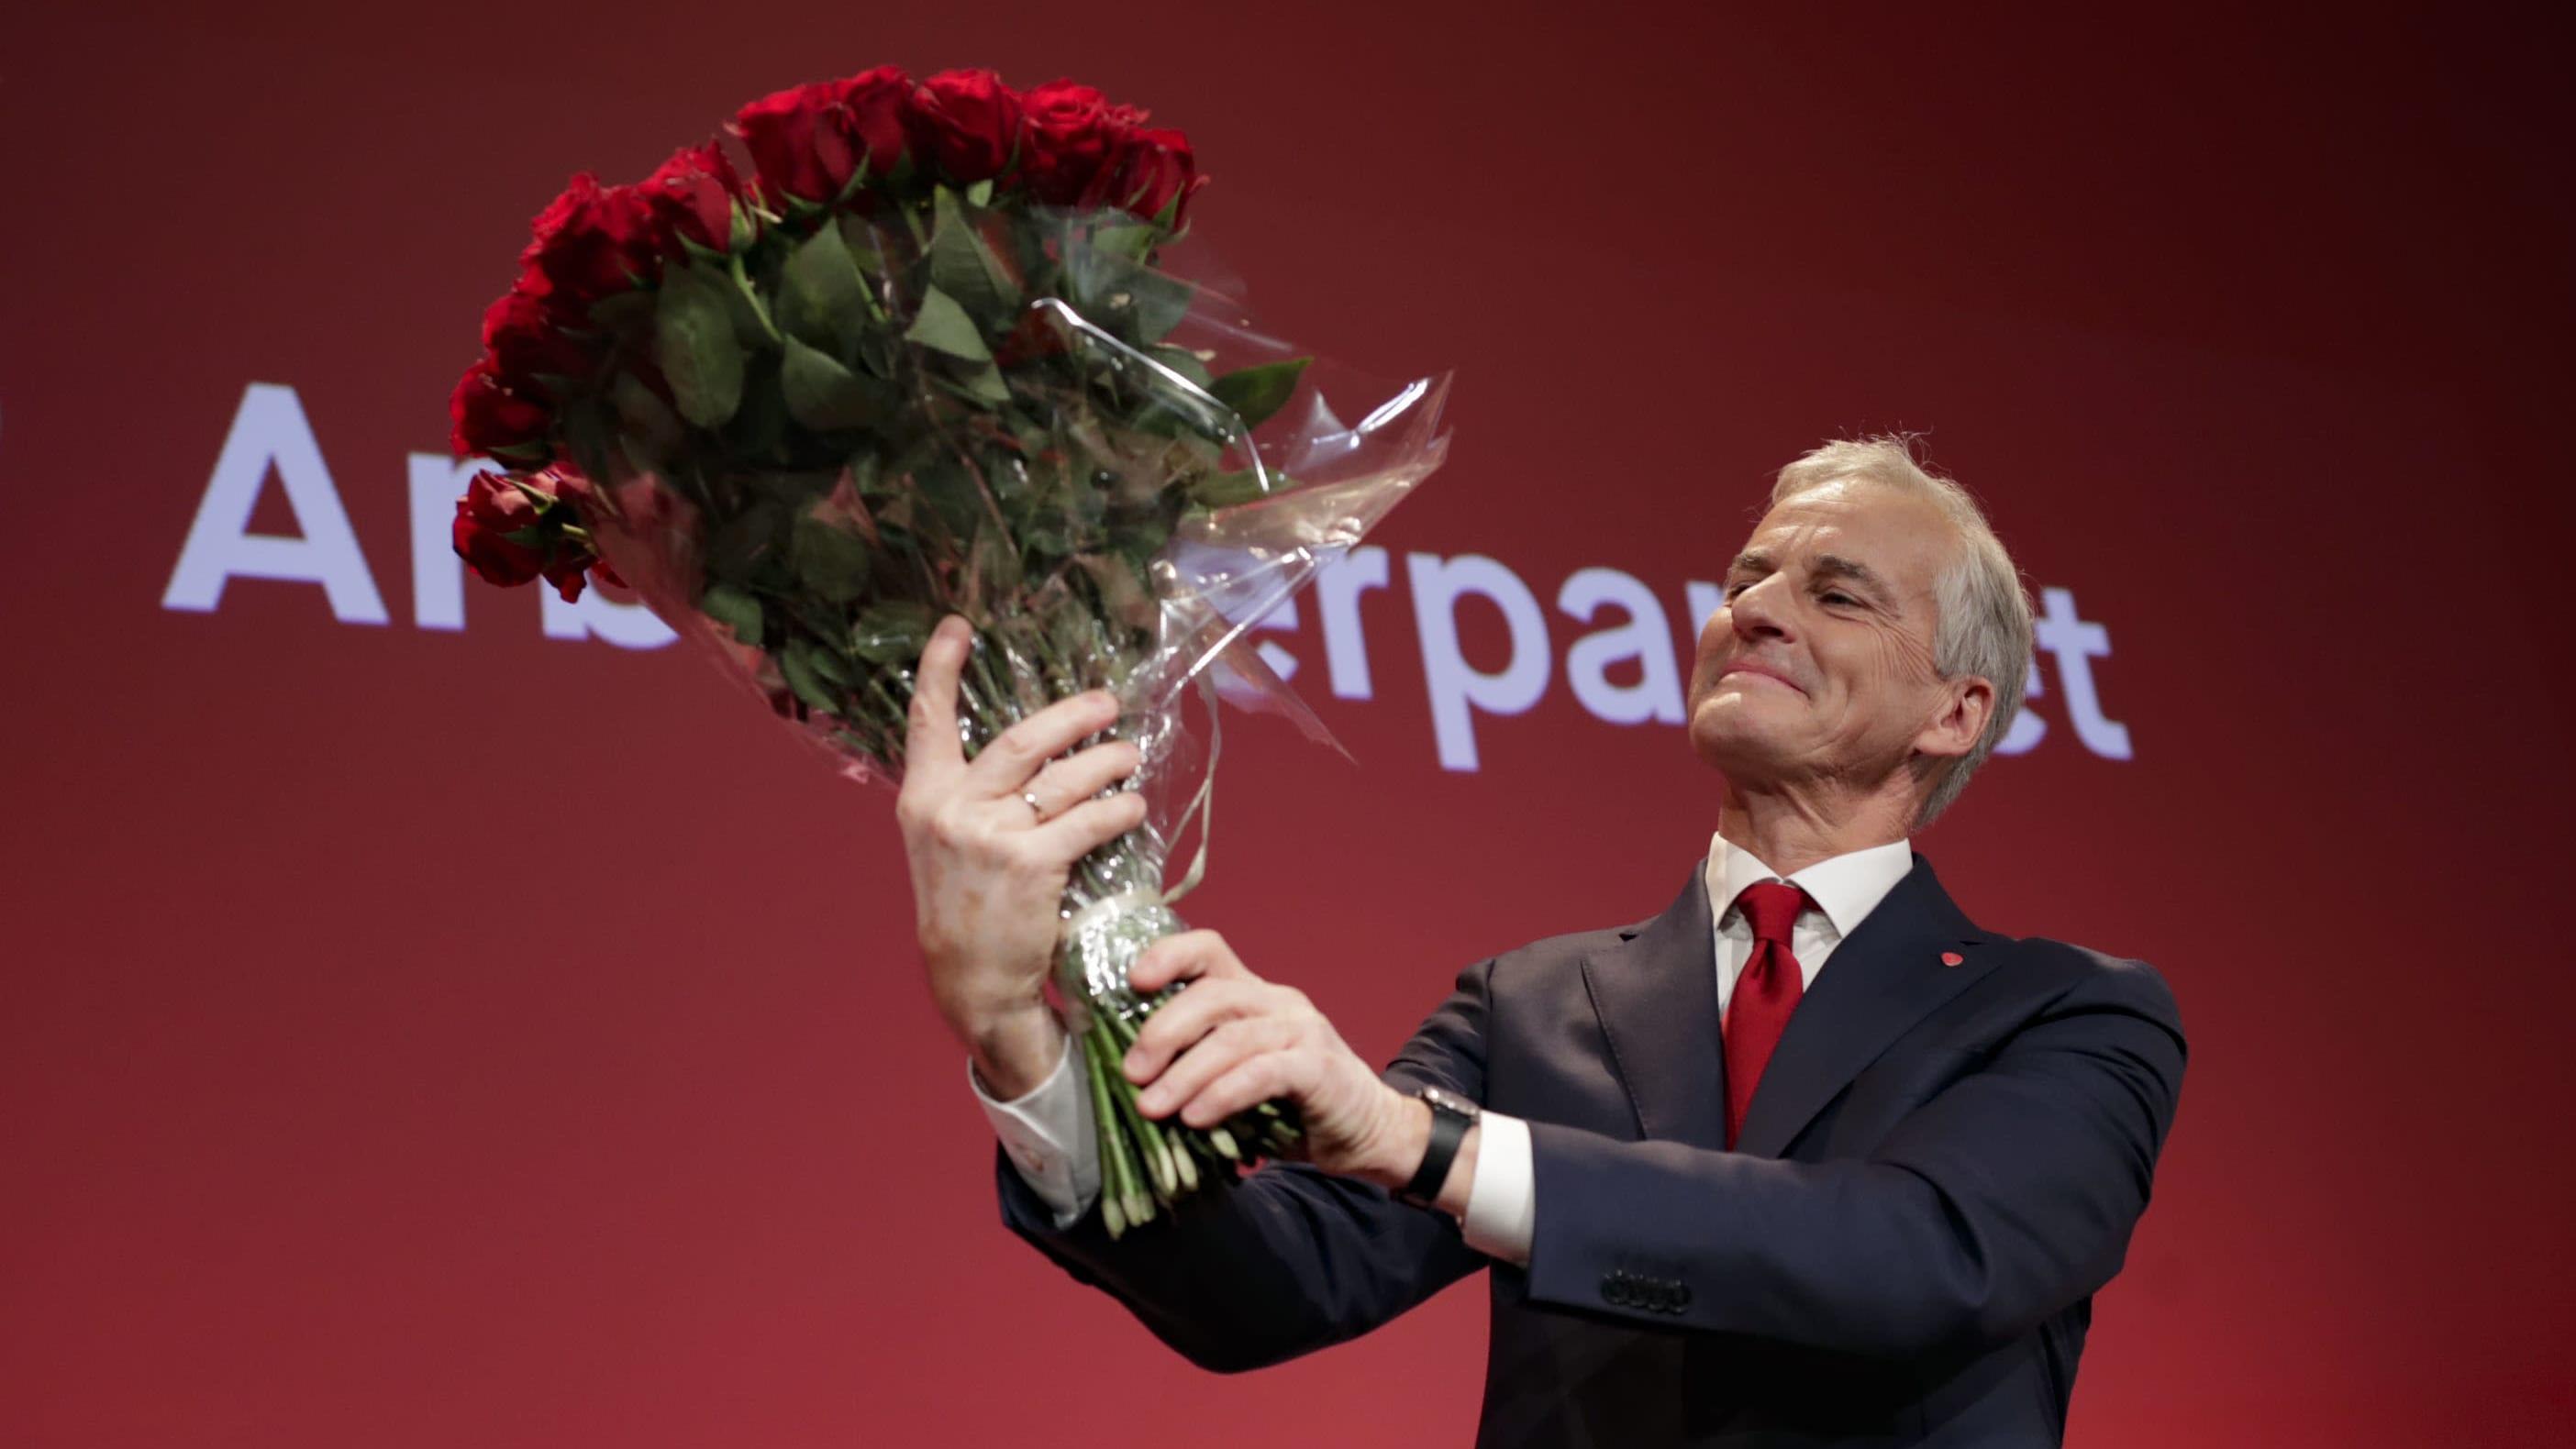 Norjan työväenpuolueen johtaja Jonas Gahr Støre juhli vaalivoittoa suuri ruusukimppu kädessään.